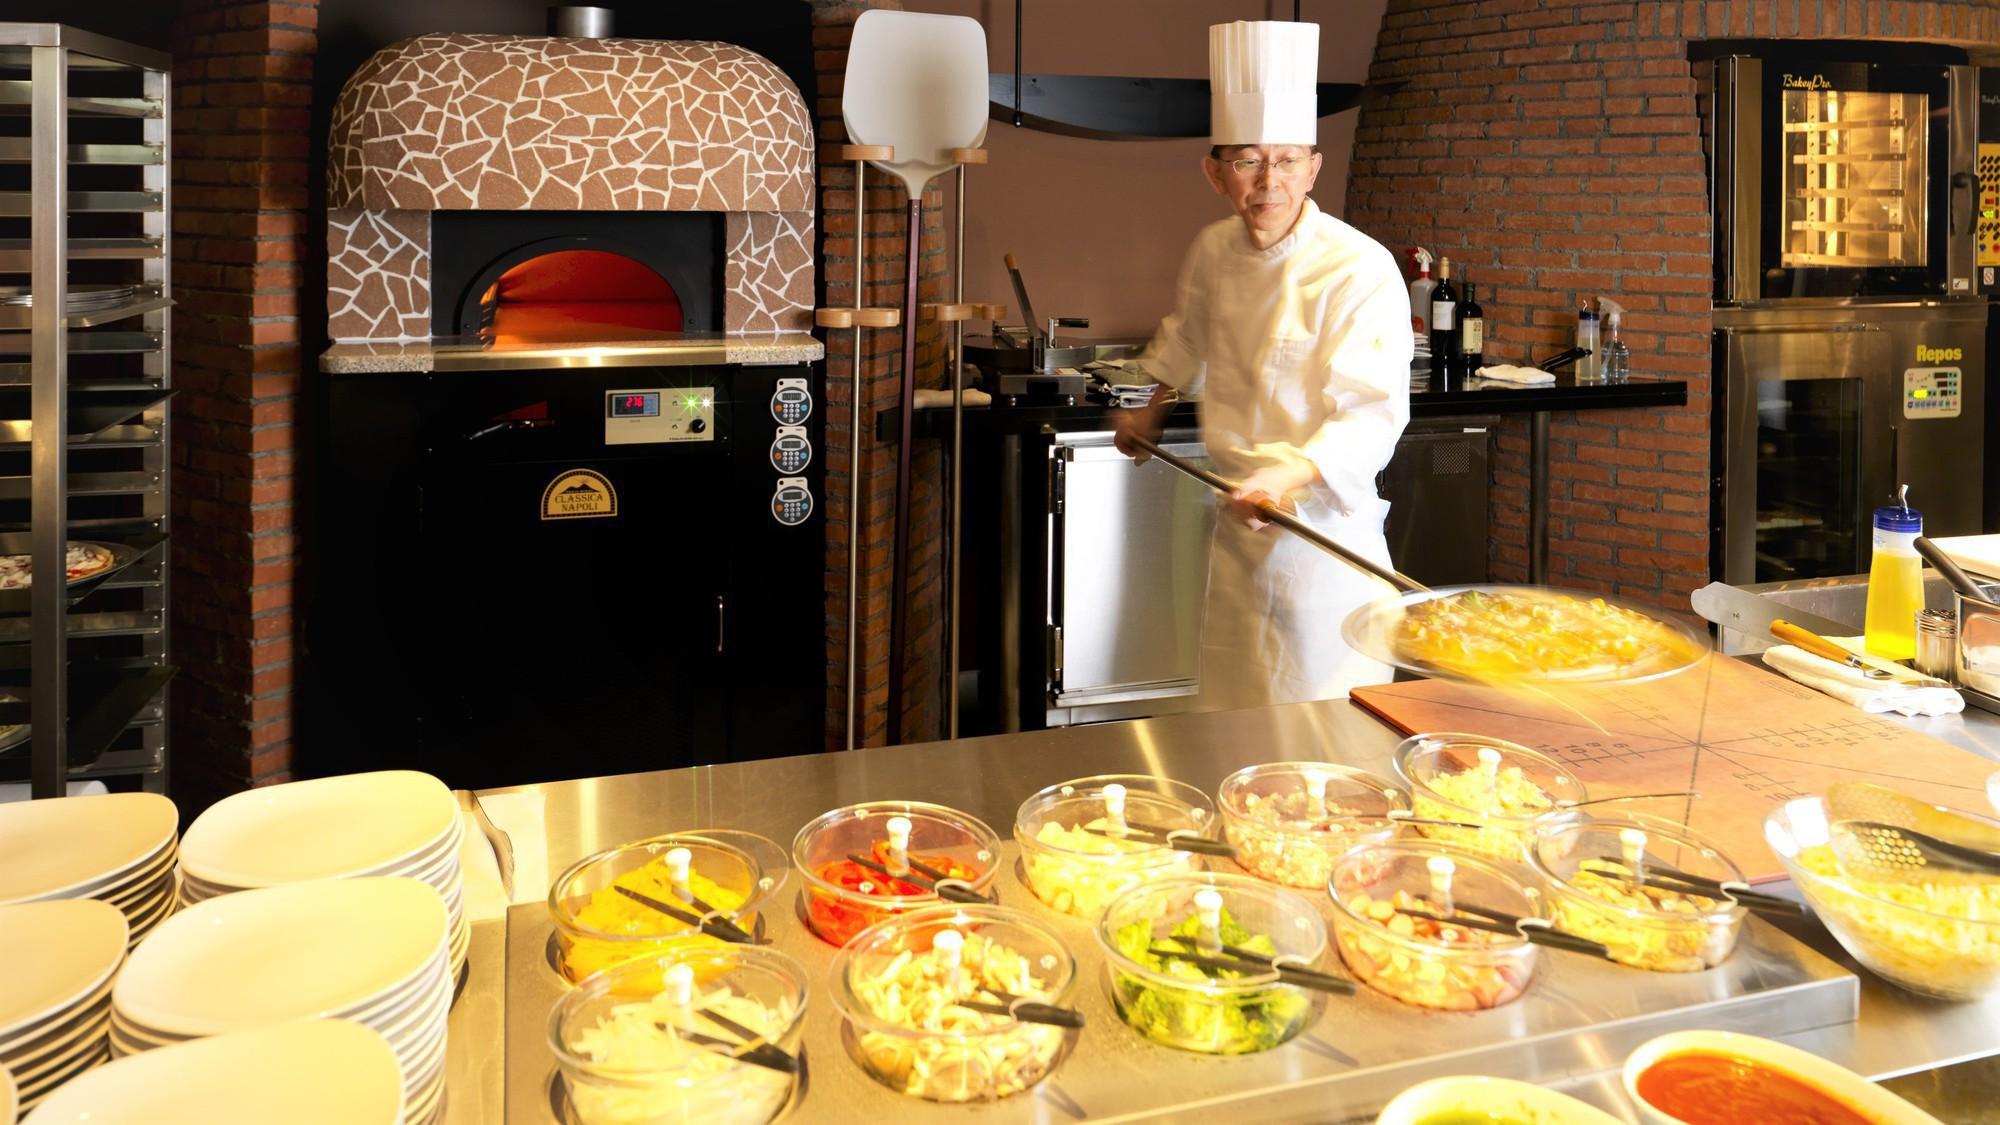 【森ビュッフェ】オープンキッチンでお好みの具材&ソースでオリジナルピザをお作りします(夕食イメージ)